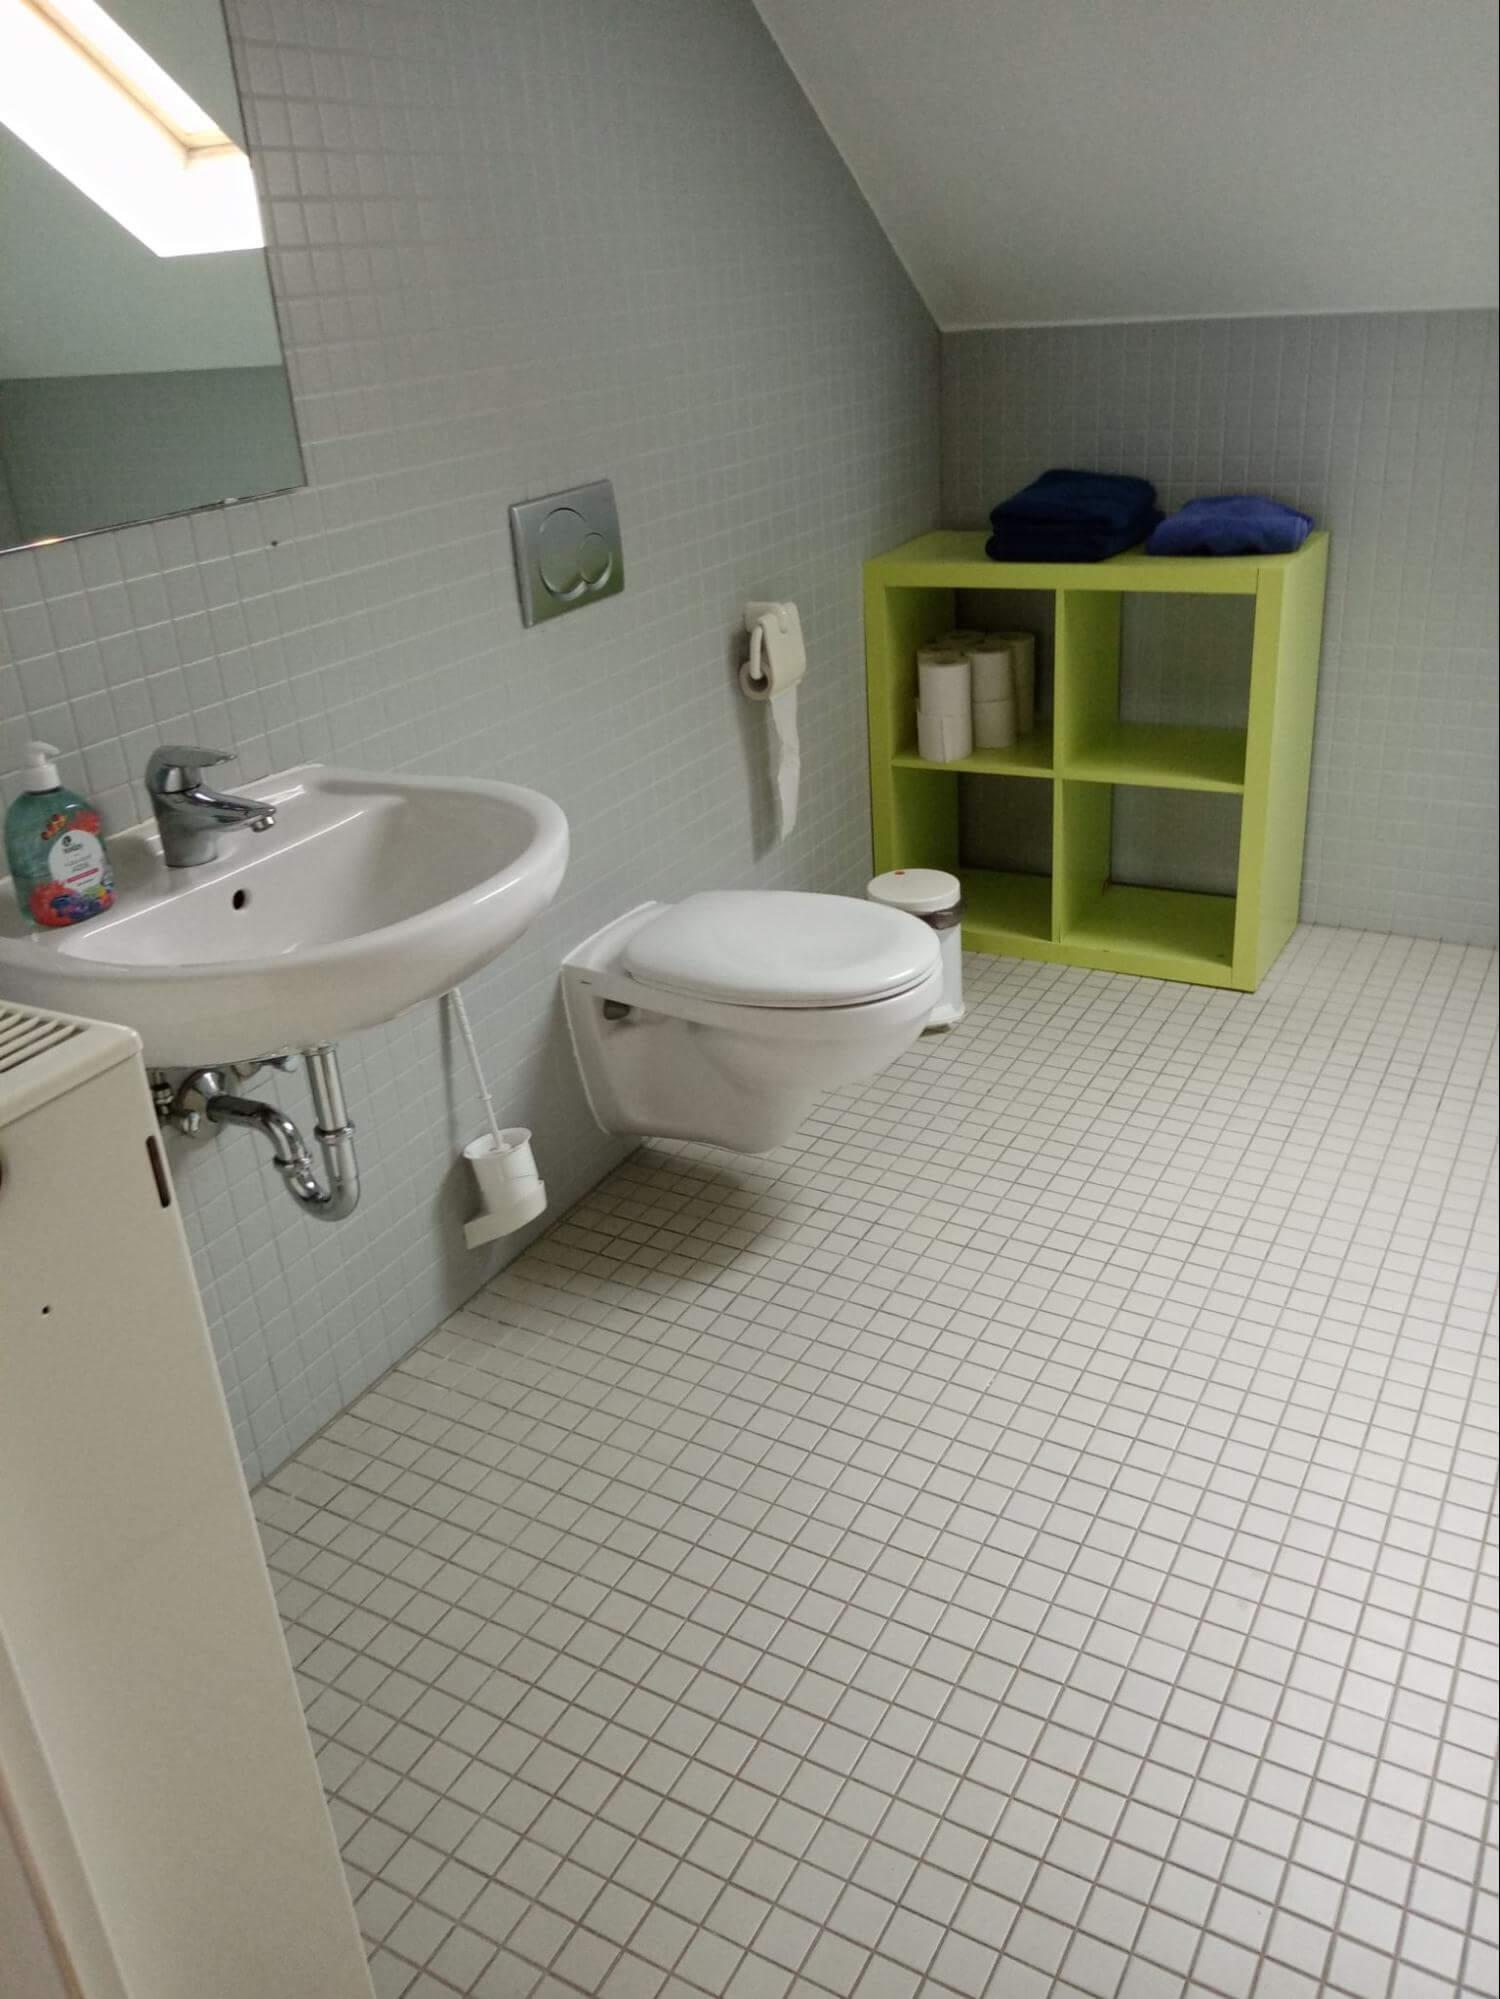 Еще фото ванной